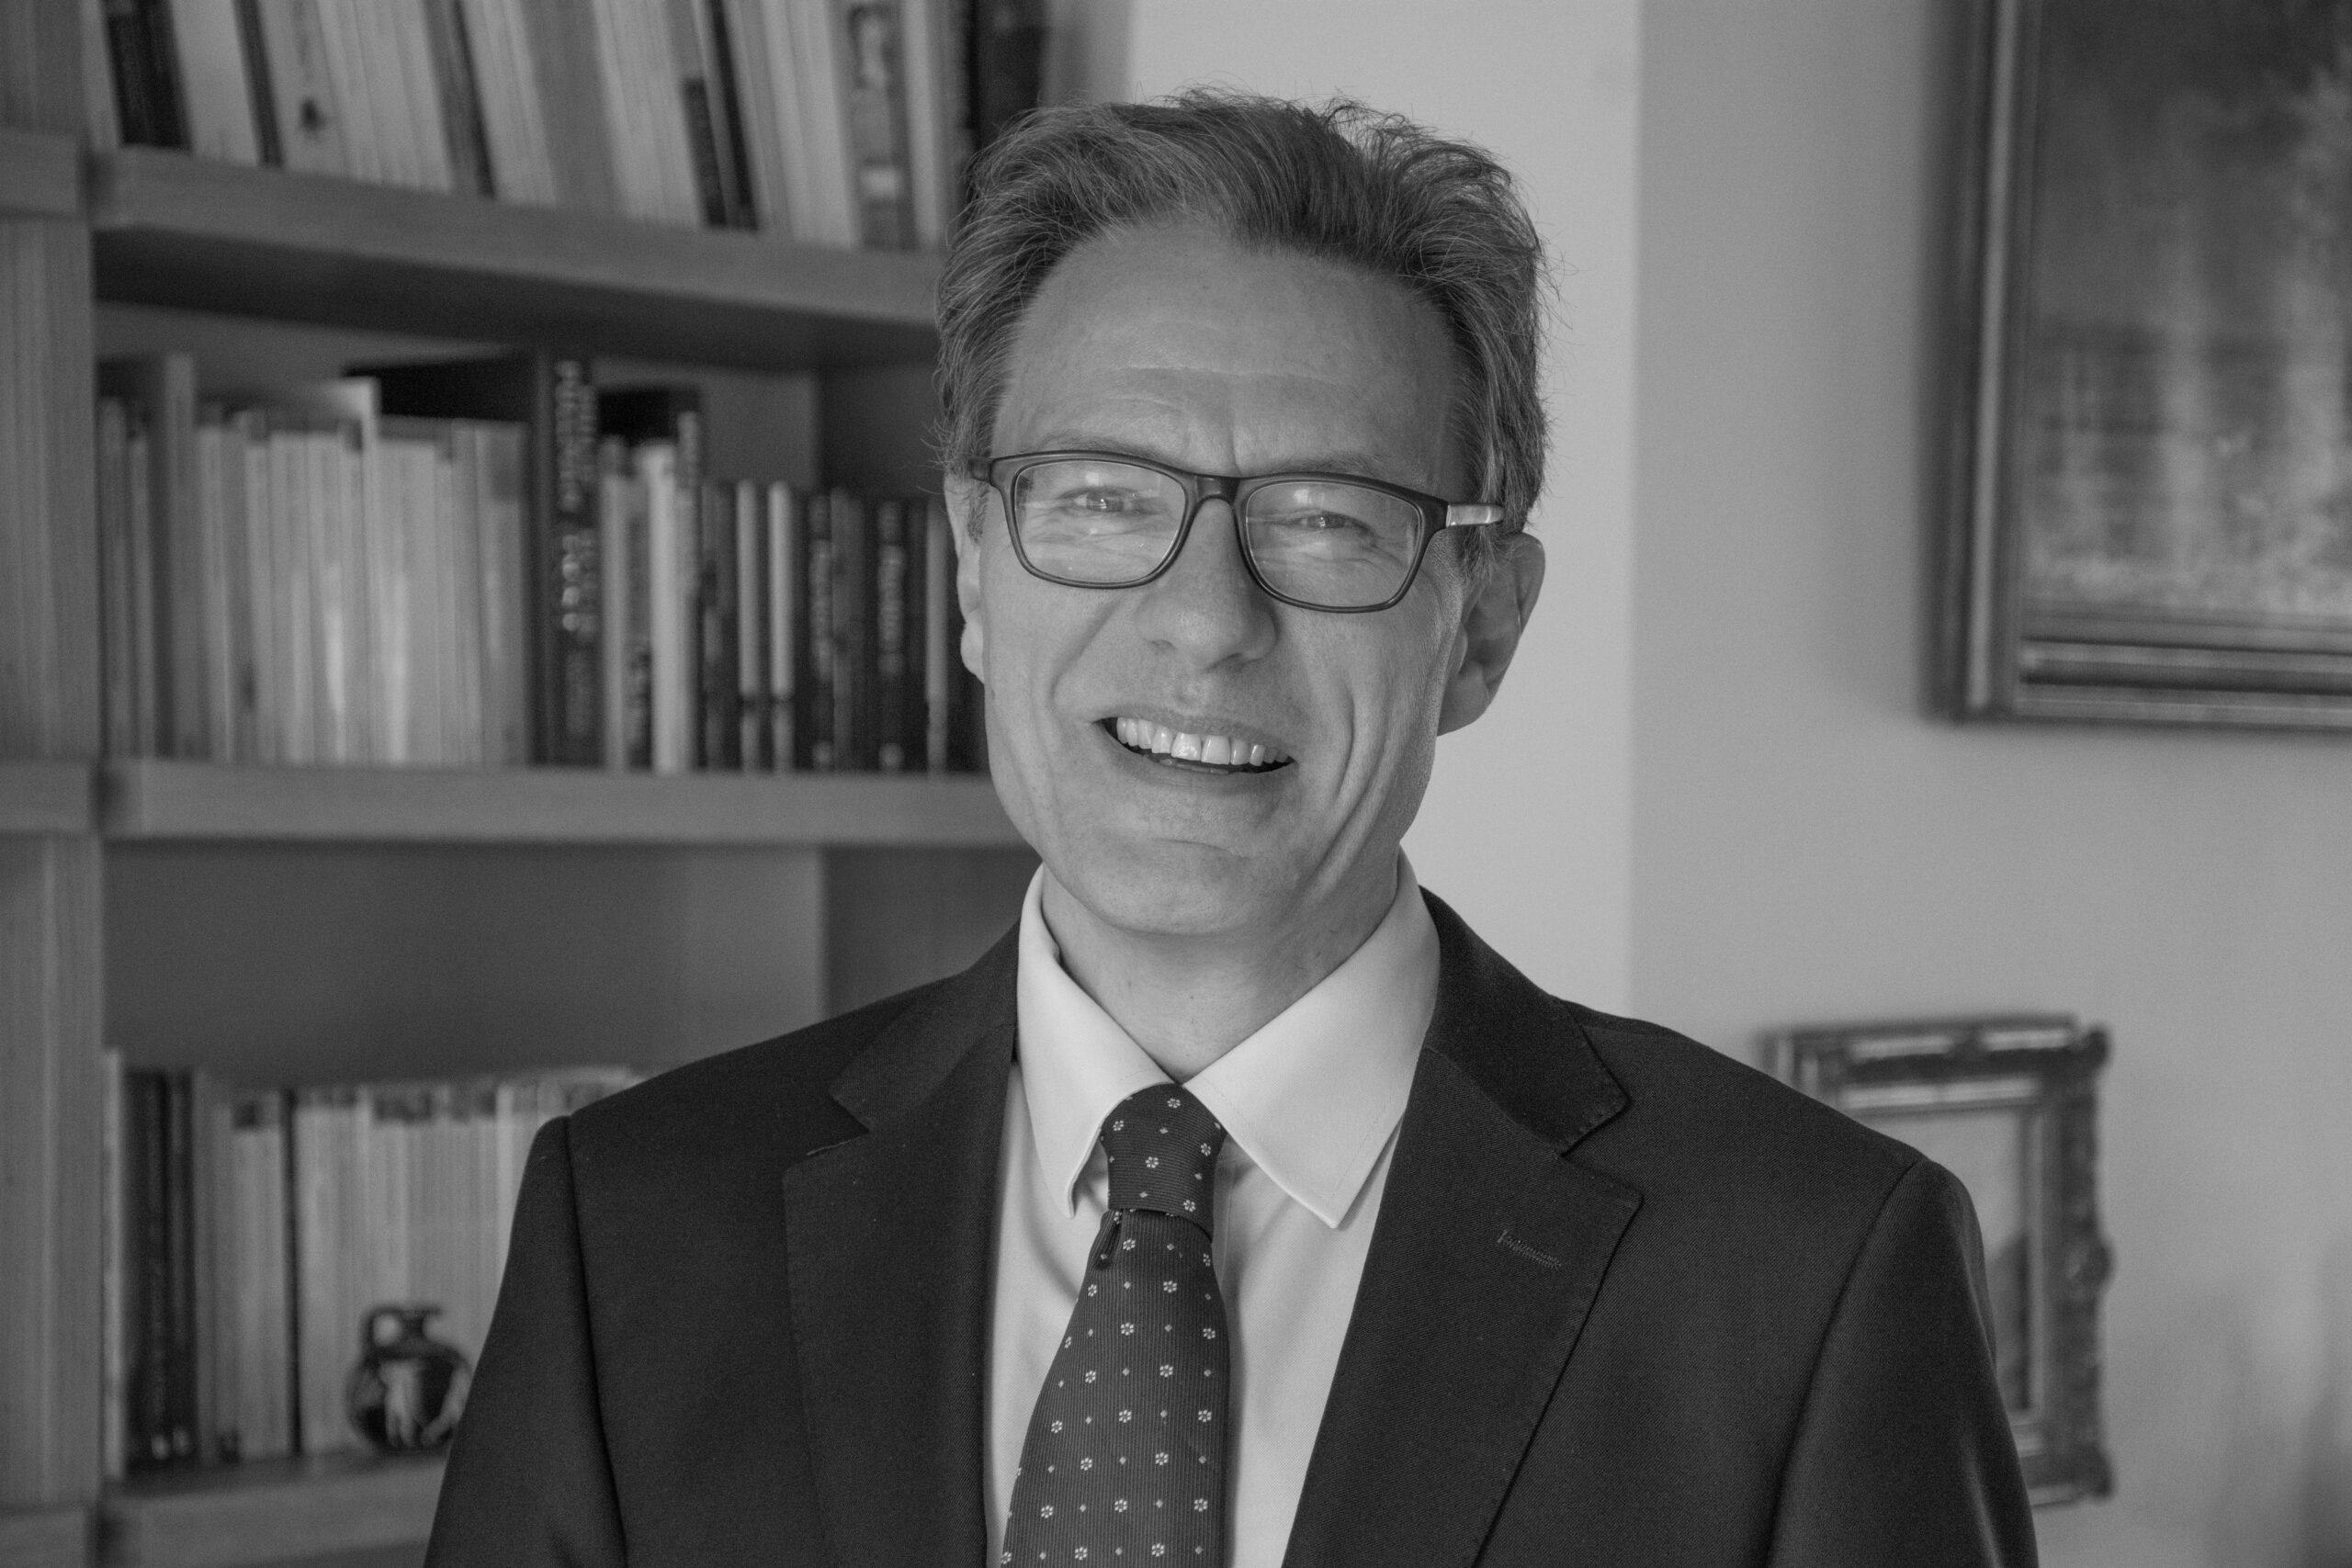 Luciano Floridi, filosofo, professore di filosofia ed etica dell'informazione all'Università di Oxford, nonché direttore del Digital Ethics Lab presso l'Oxford Internet Institute